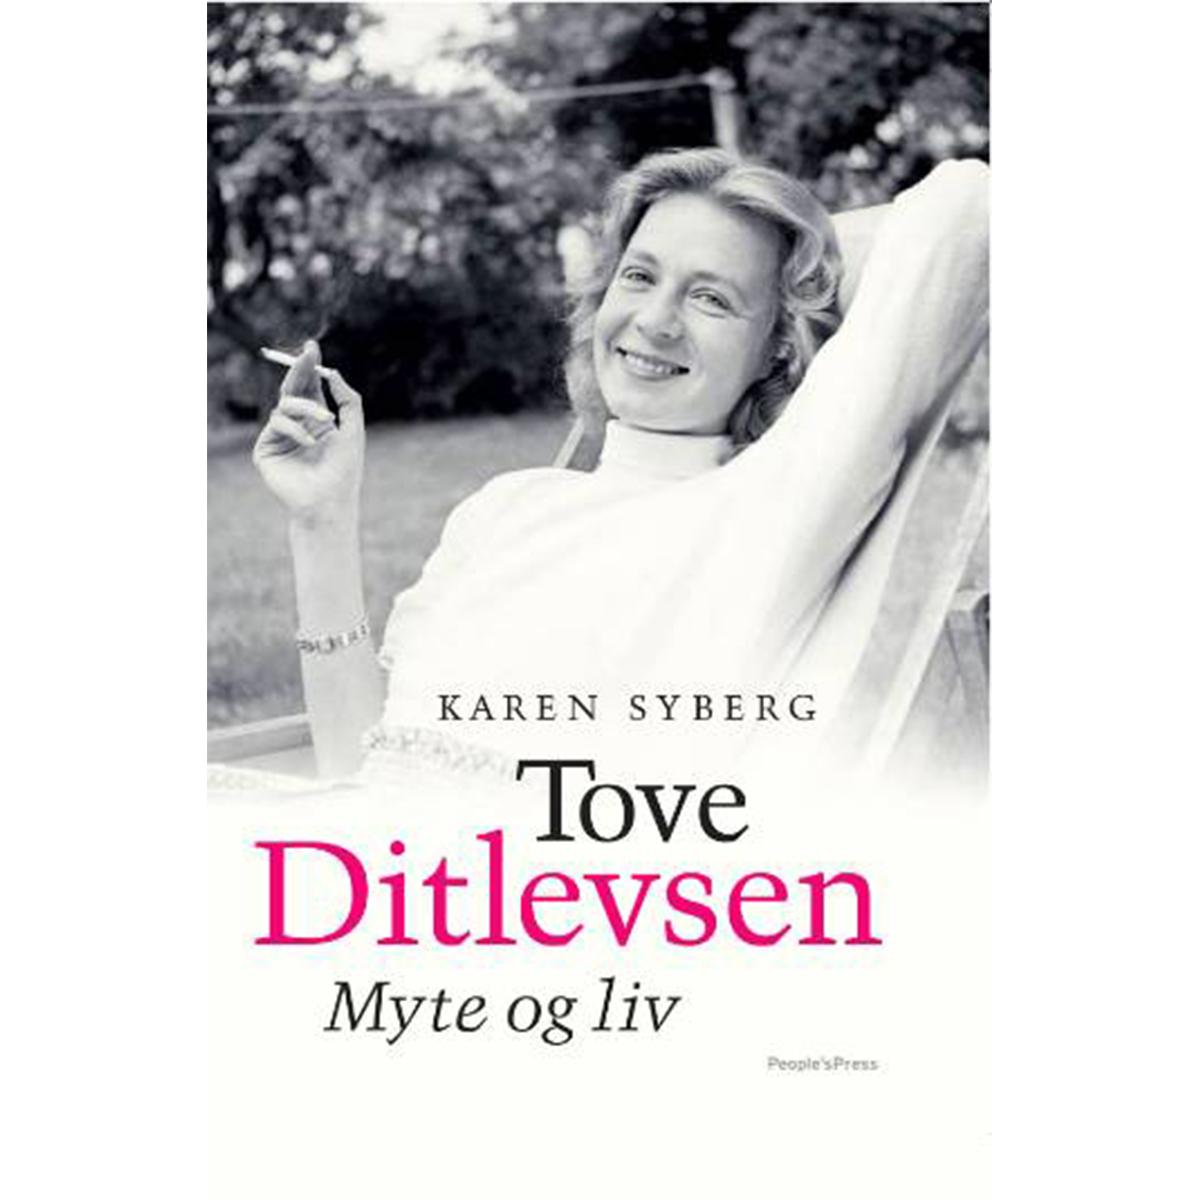 Tove Ditlevsen - myte og liv - Hardback